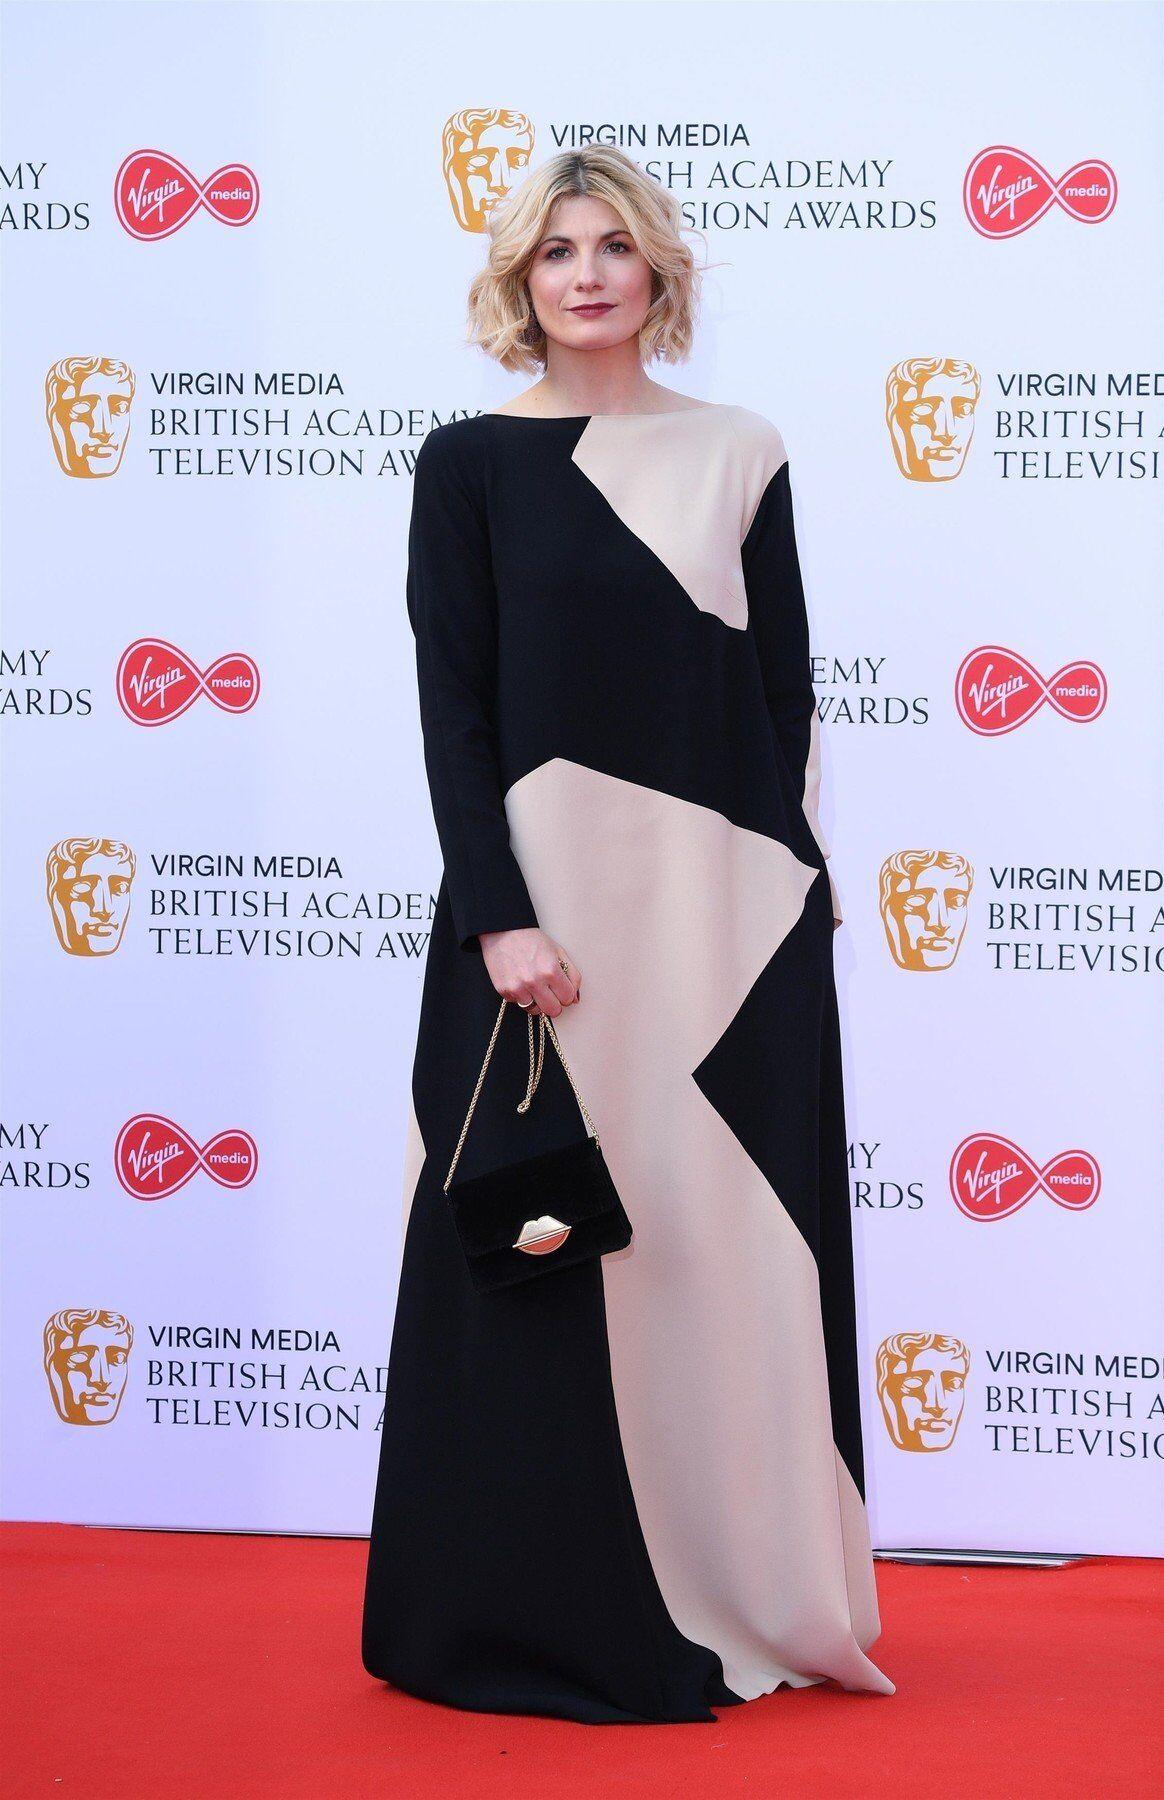 f8808da16 Britská televizní hvězda Megan McKenna zvolila šaty jako stvořené pro vílu.  Na červeném koberci v nich zazářila a patří k těm nejhezčím, které byly ten  ...